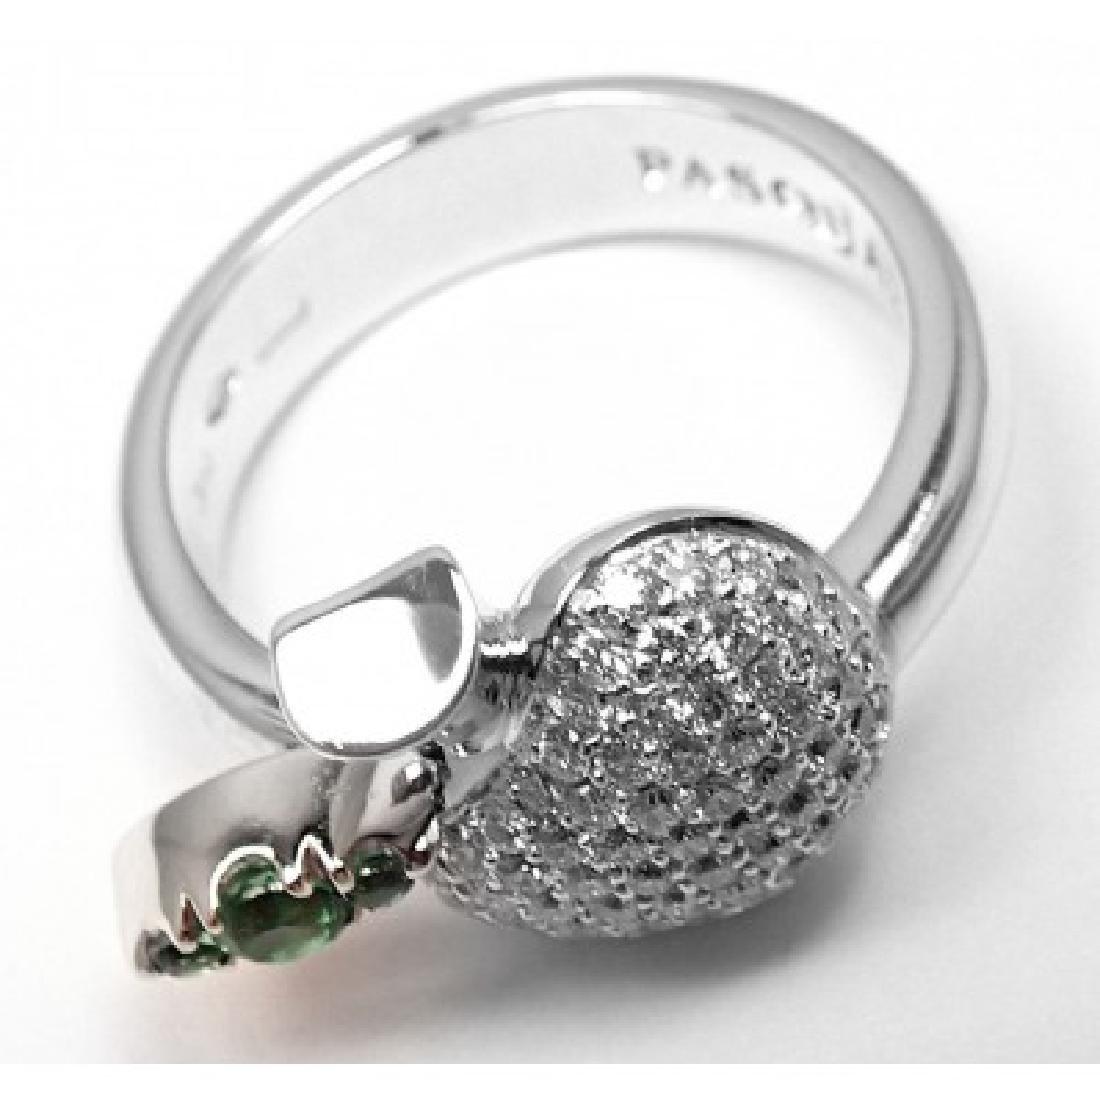 PASQUALE BRUNI 18K APPLE DIAMOND TENTAZIONE RING - 7